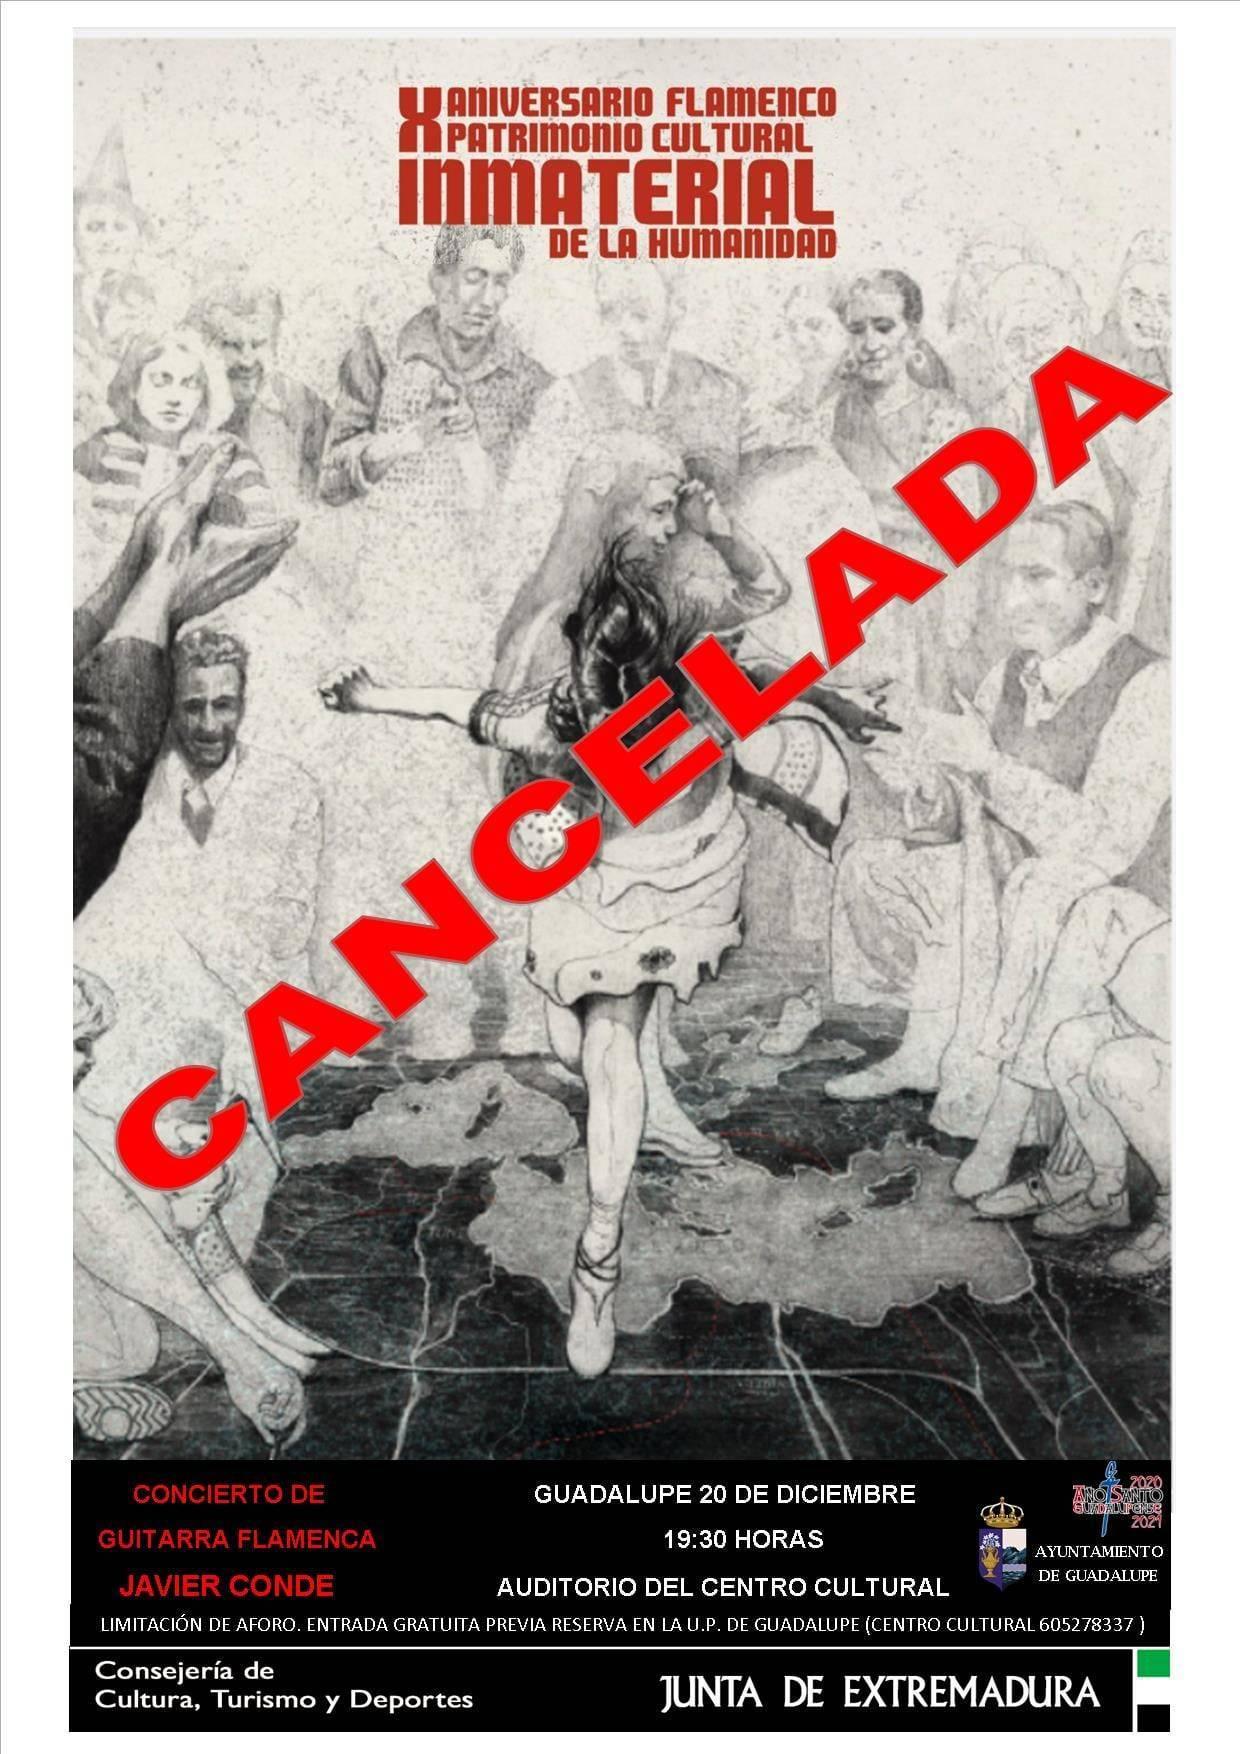 Concierto de guitarra flamenca (2020) - Guadalupe (Cáceres) Suspendido